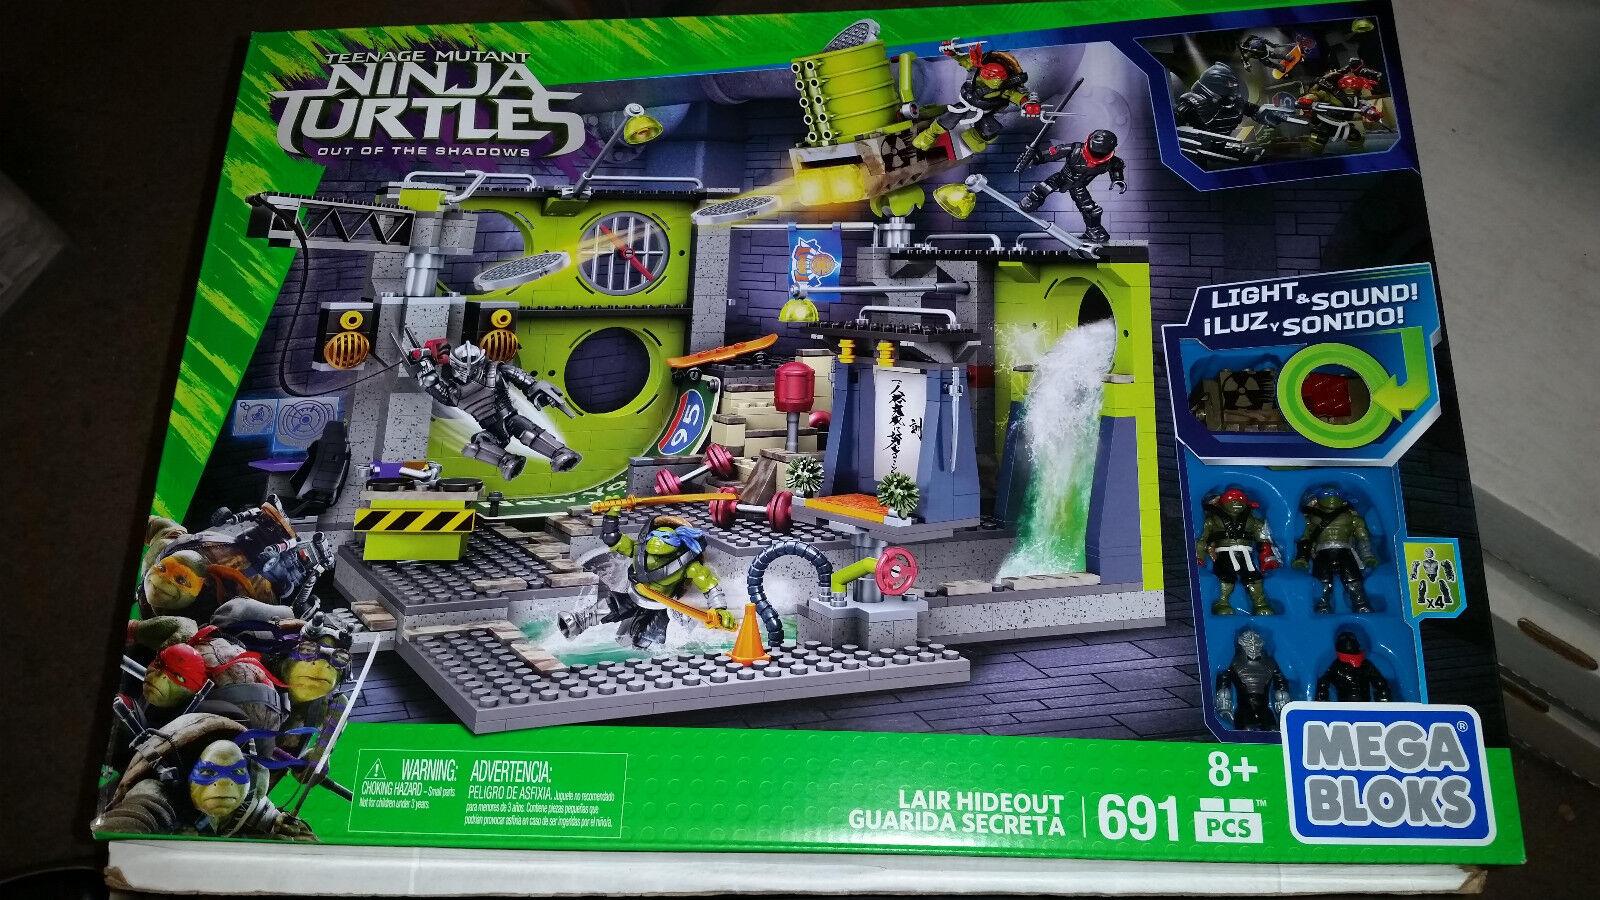 Mega Bloks Teenage Mutant Ninja Turtles Lair Hideout Set 691 Pcs NEW SEALED